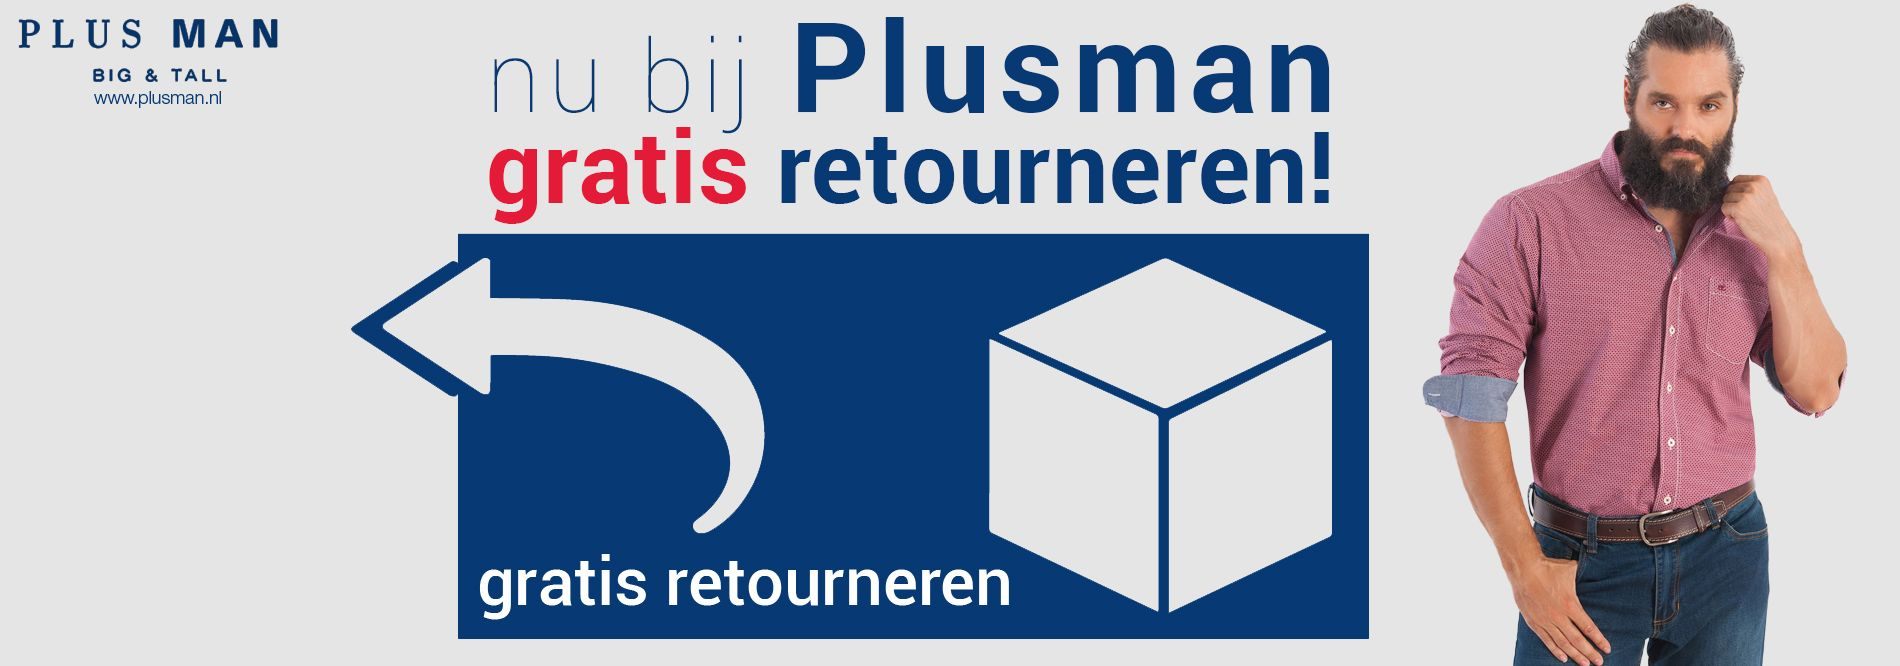 Gratis retouren bij Plusman.nl